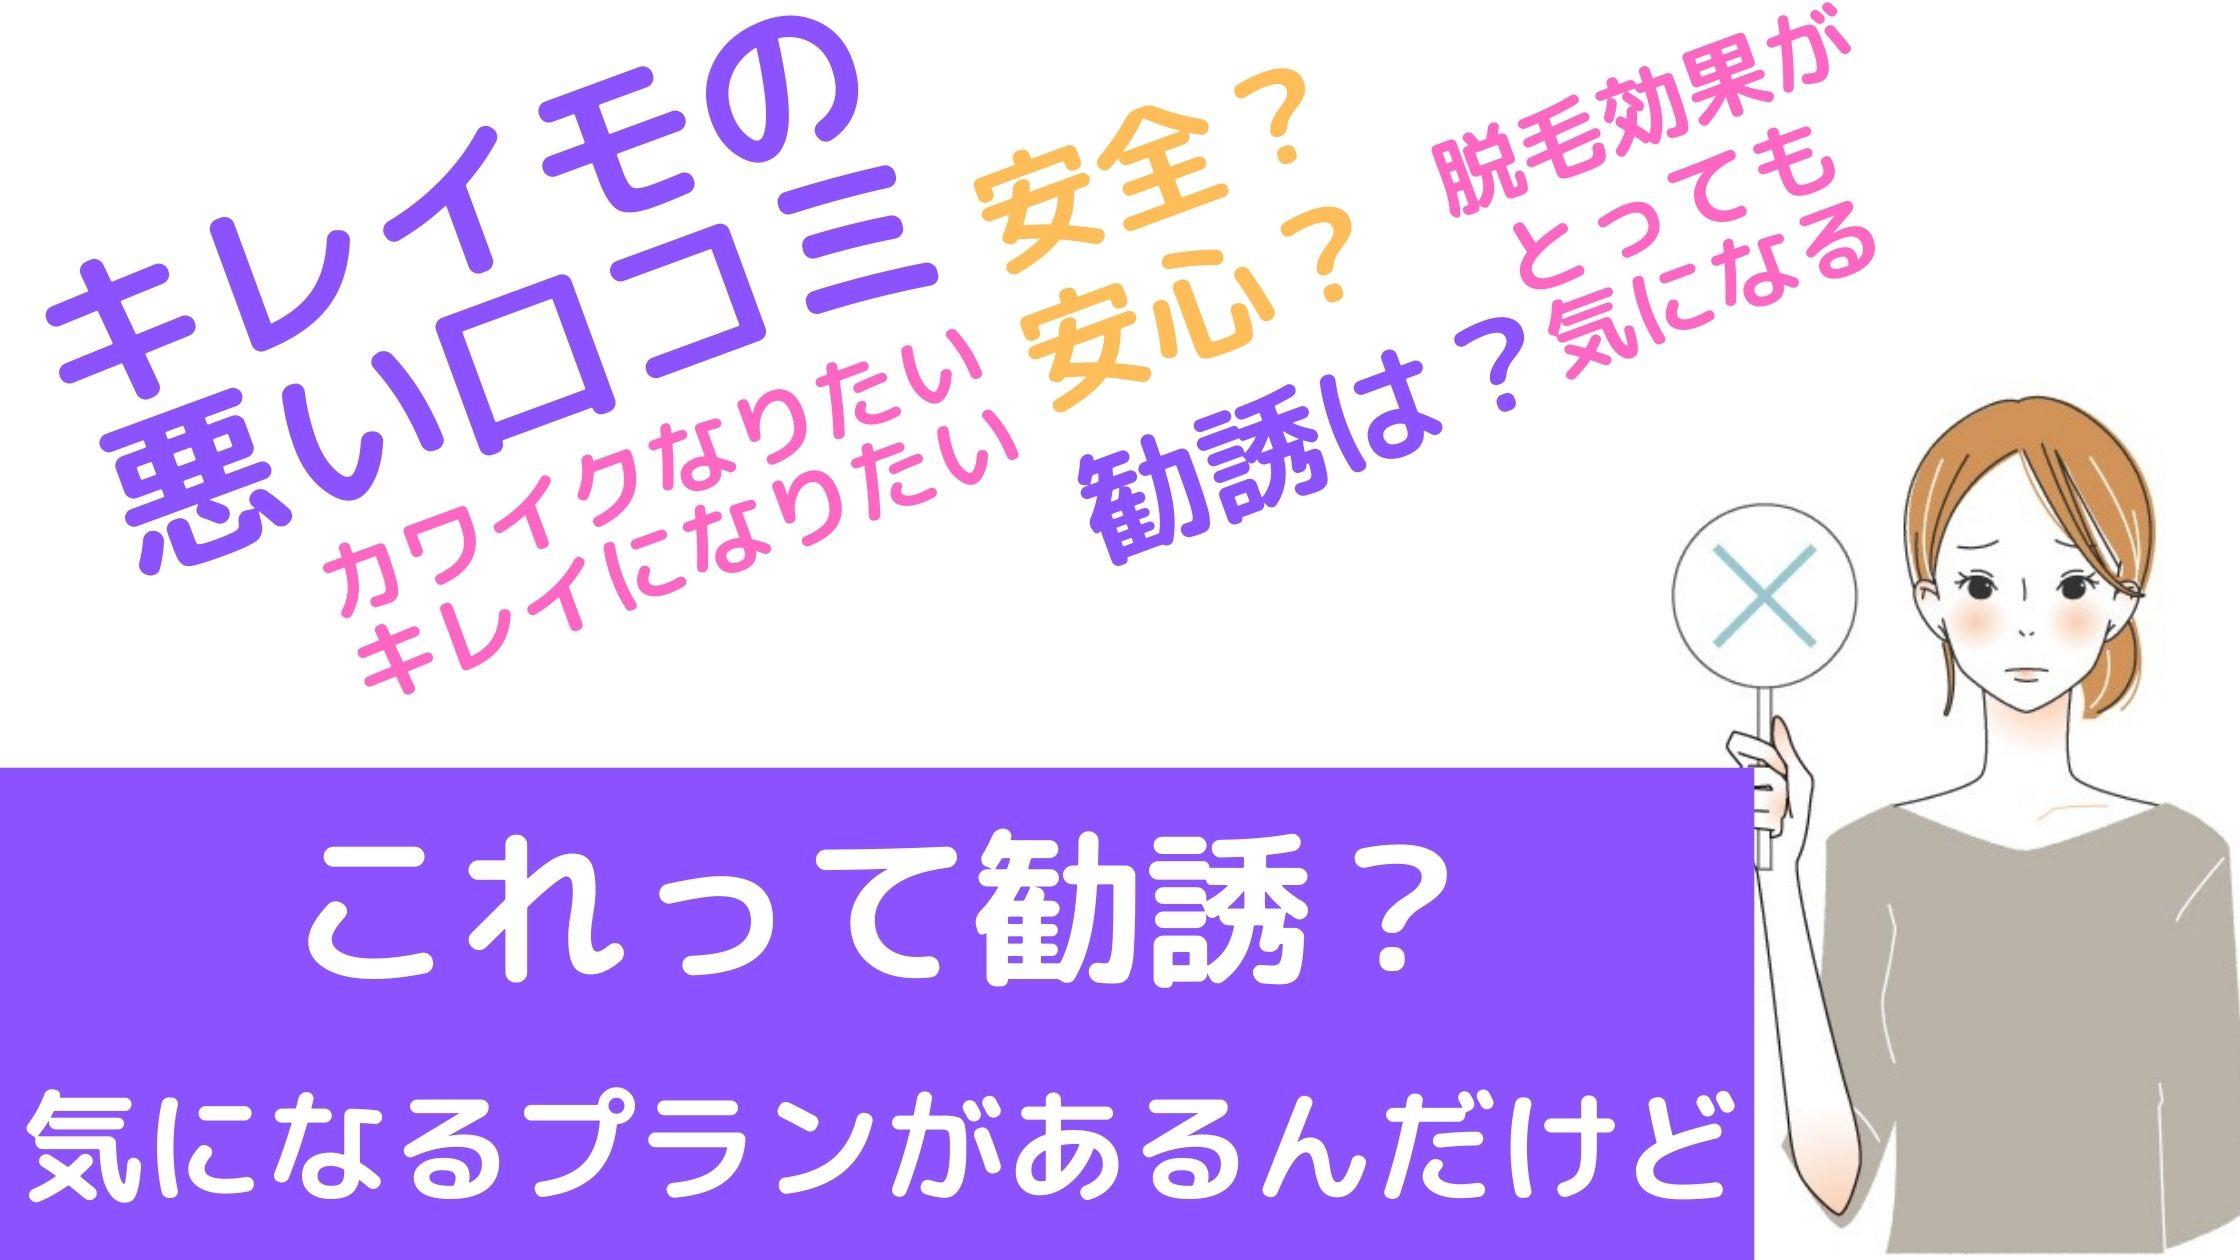 キレイモ 予約 とれ ない 全身脱毛サロン【KIREIMO / キレイモ】